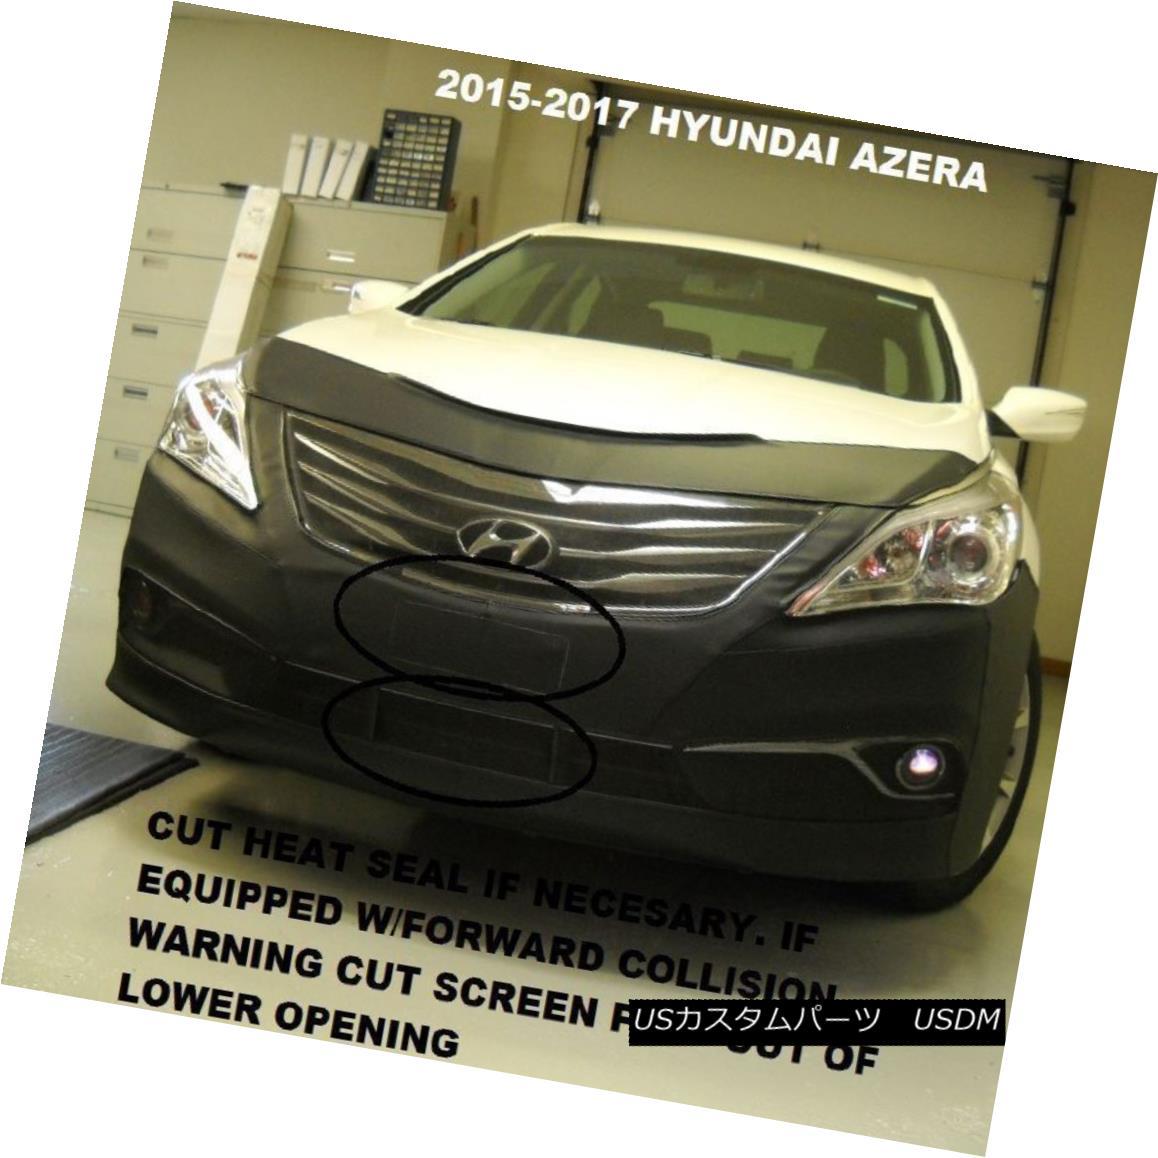 フルブラ ノーズブラ Lebra Front End Mask Cover Bra Fits Hyundai Azera 2015-2017 現代アゼラ2015-2017に合うLebraフロントエンドマスクカバーブラ